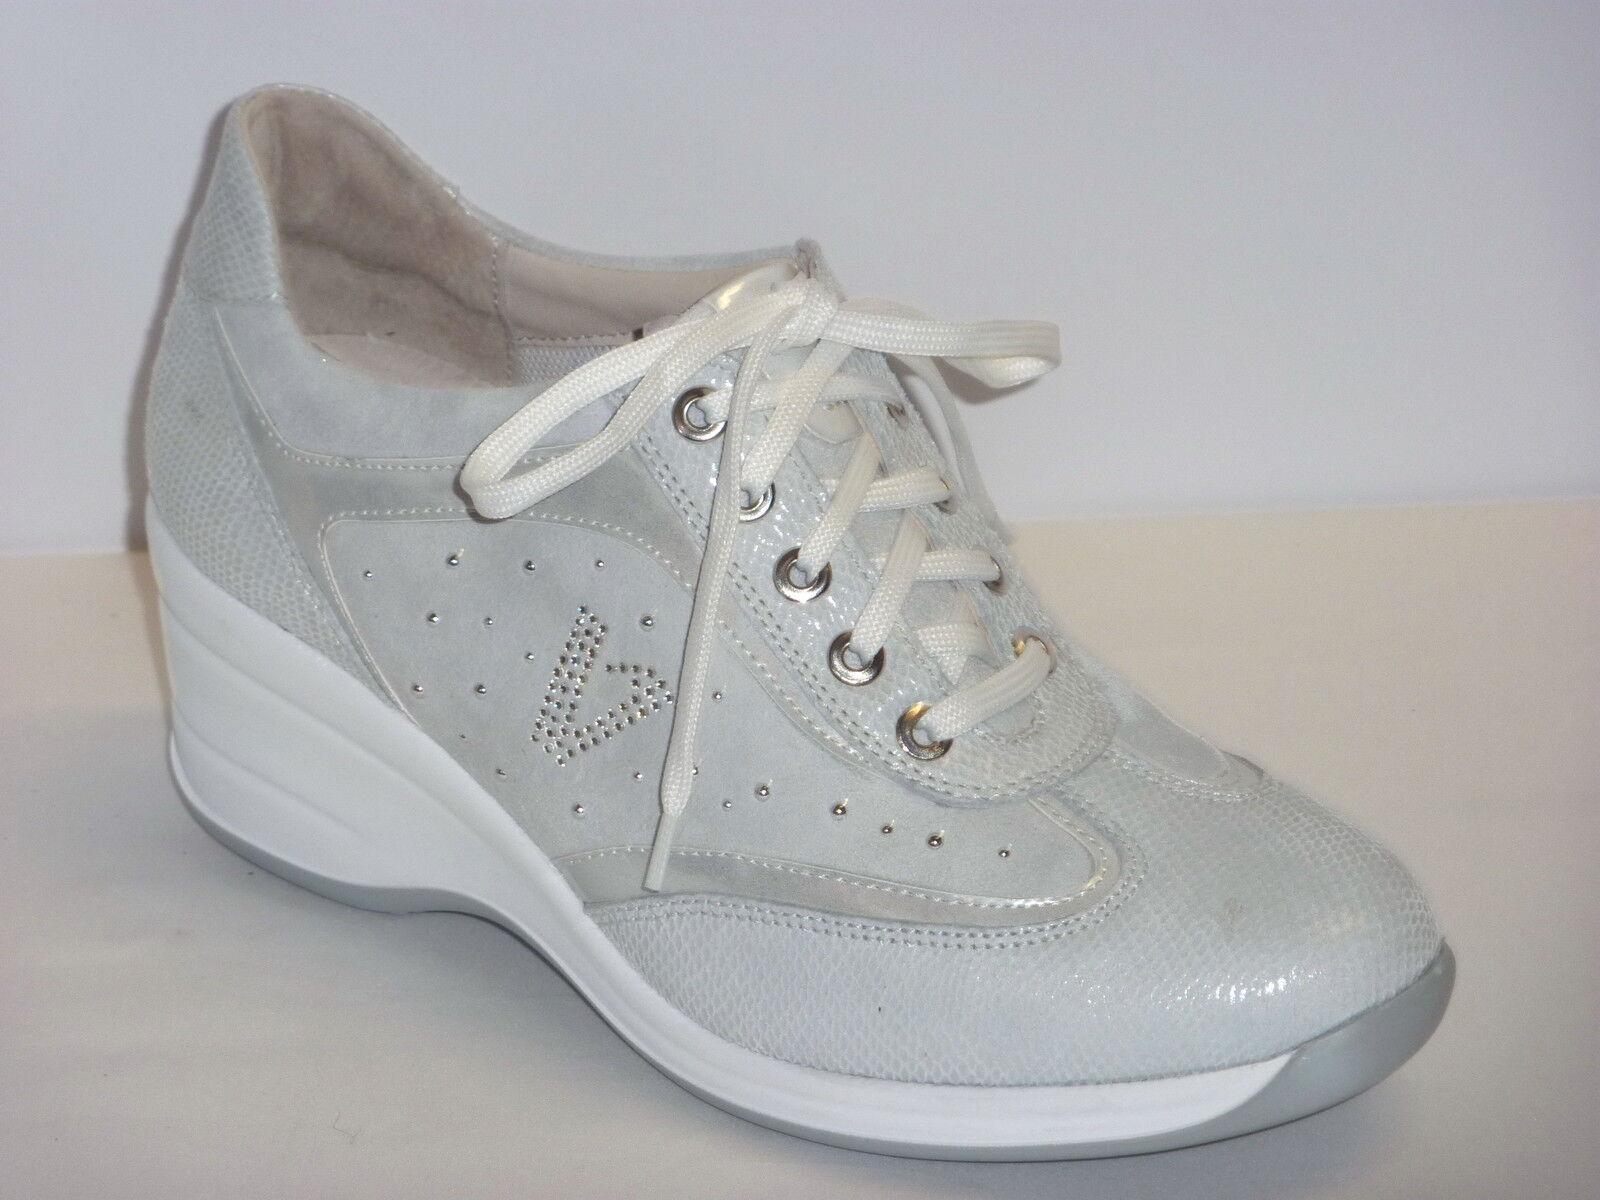 VALLEverde zapatillas zapatos TENNIS mujer CASUAL ZEPPA ALLACCIATE ALLACCIATE ALLACCIATE  BIANCO n.36  autorización oficial